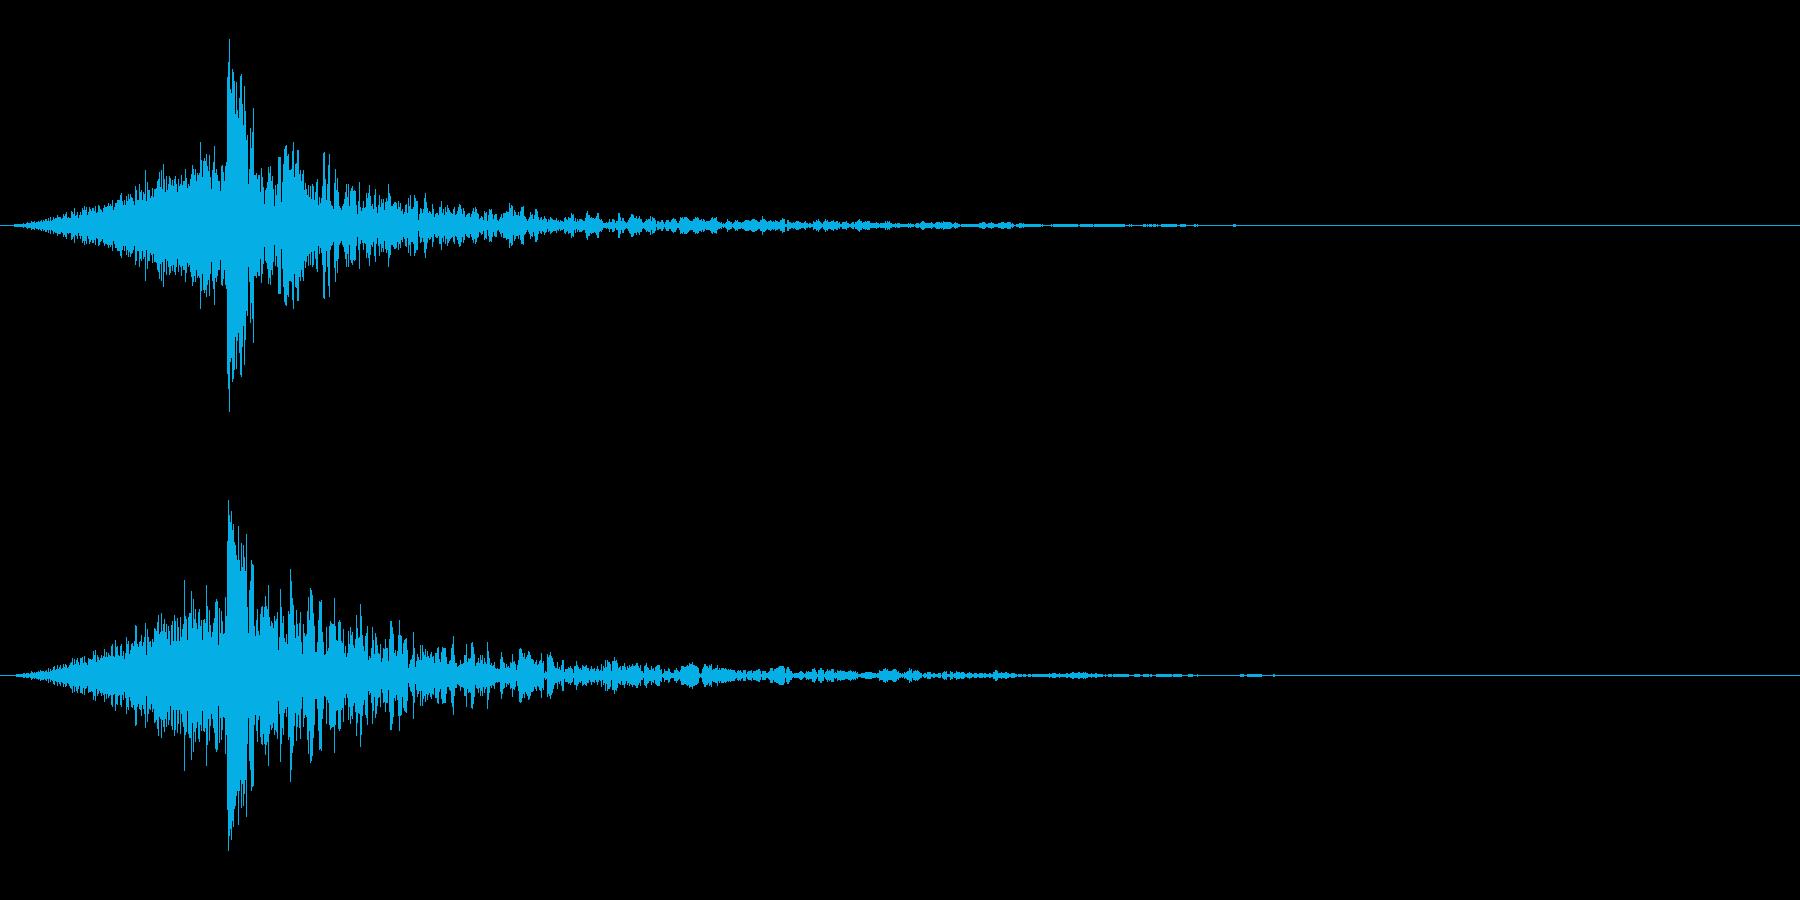 シュードーン-60-4(インパクト音)の再生済みの波形